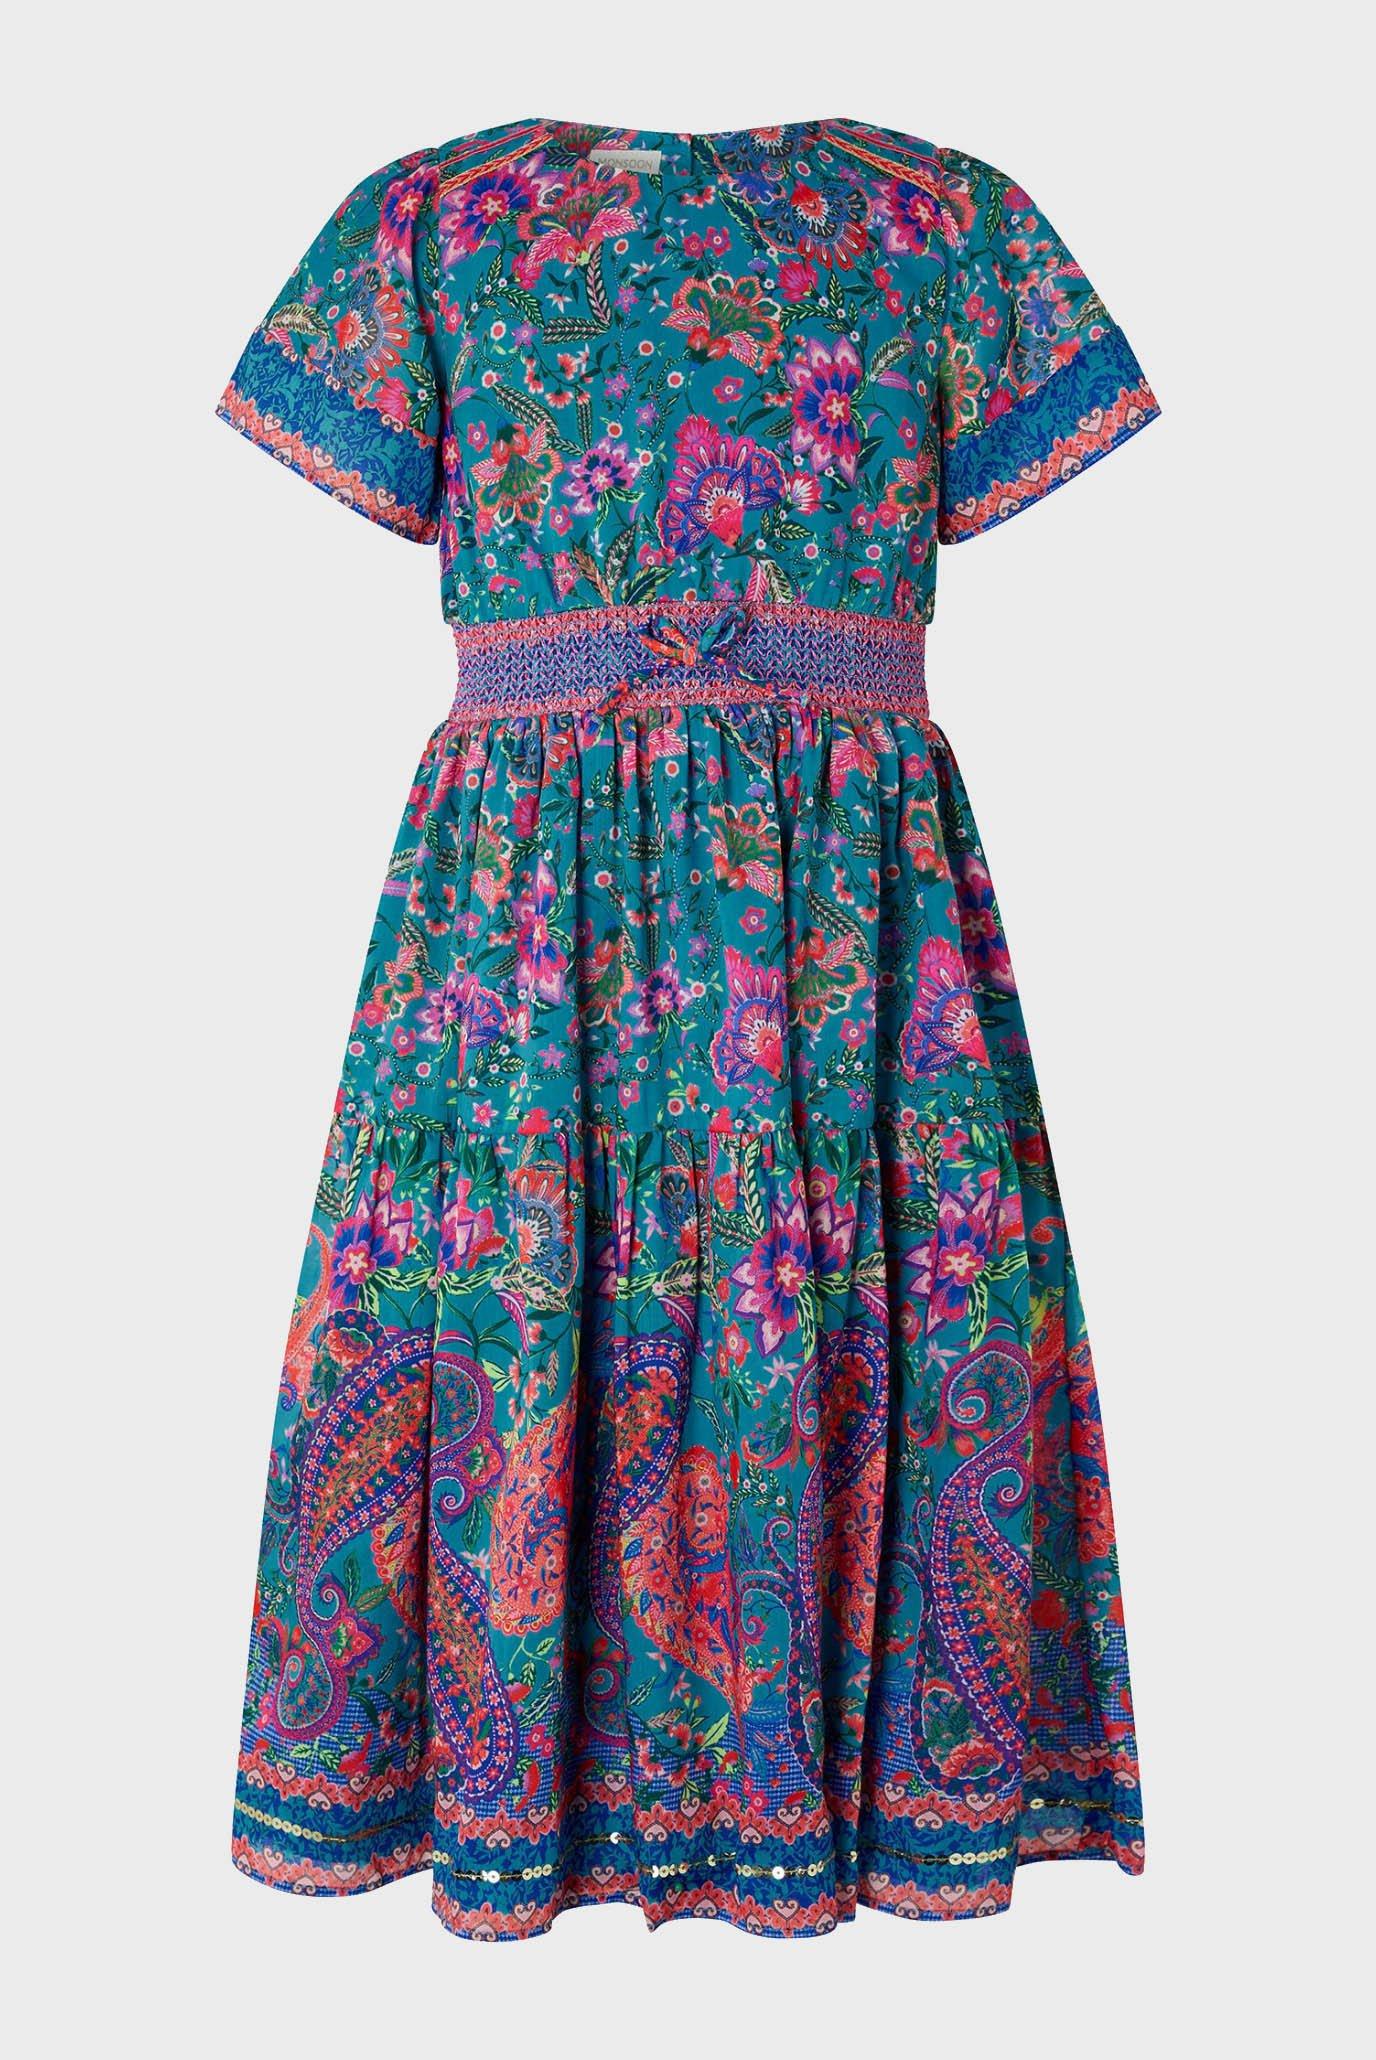 Дитяча сукня TEAL PAISLEY 1